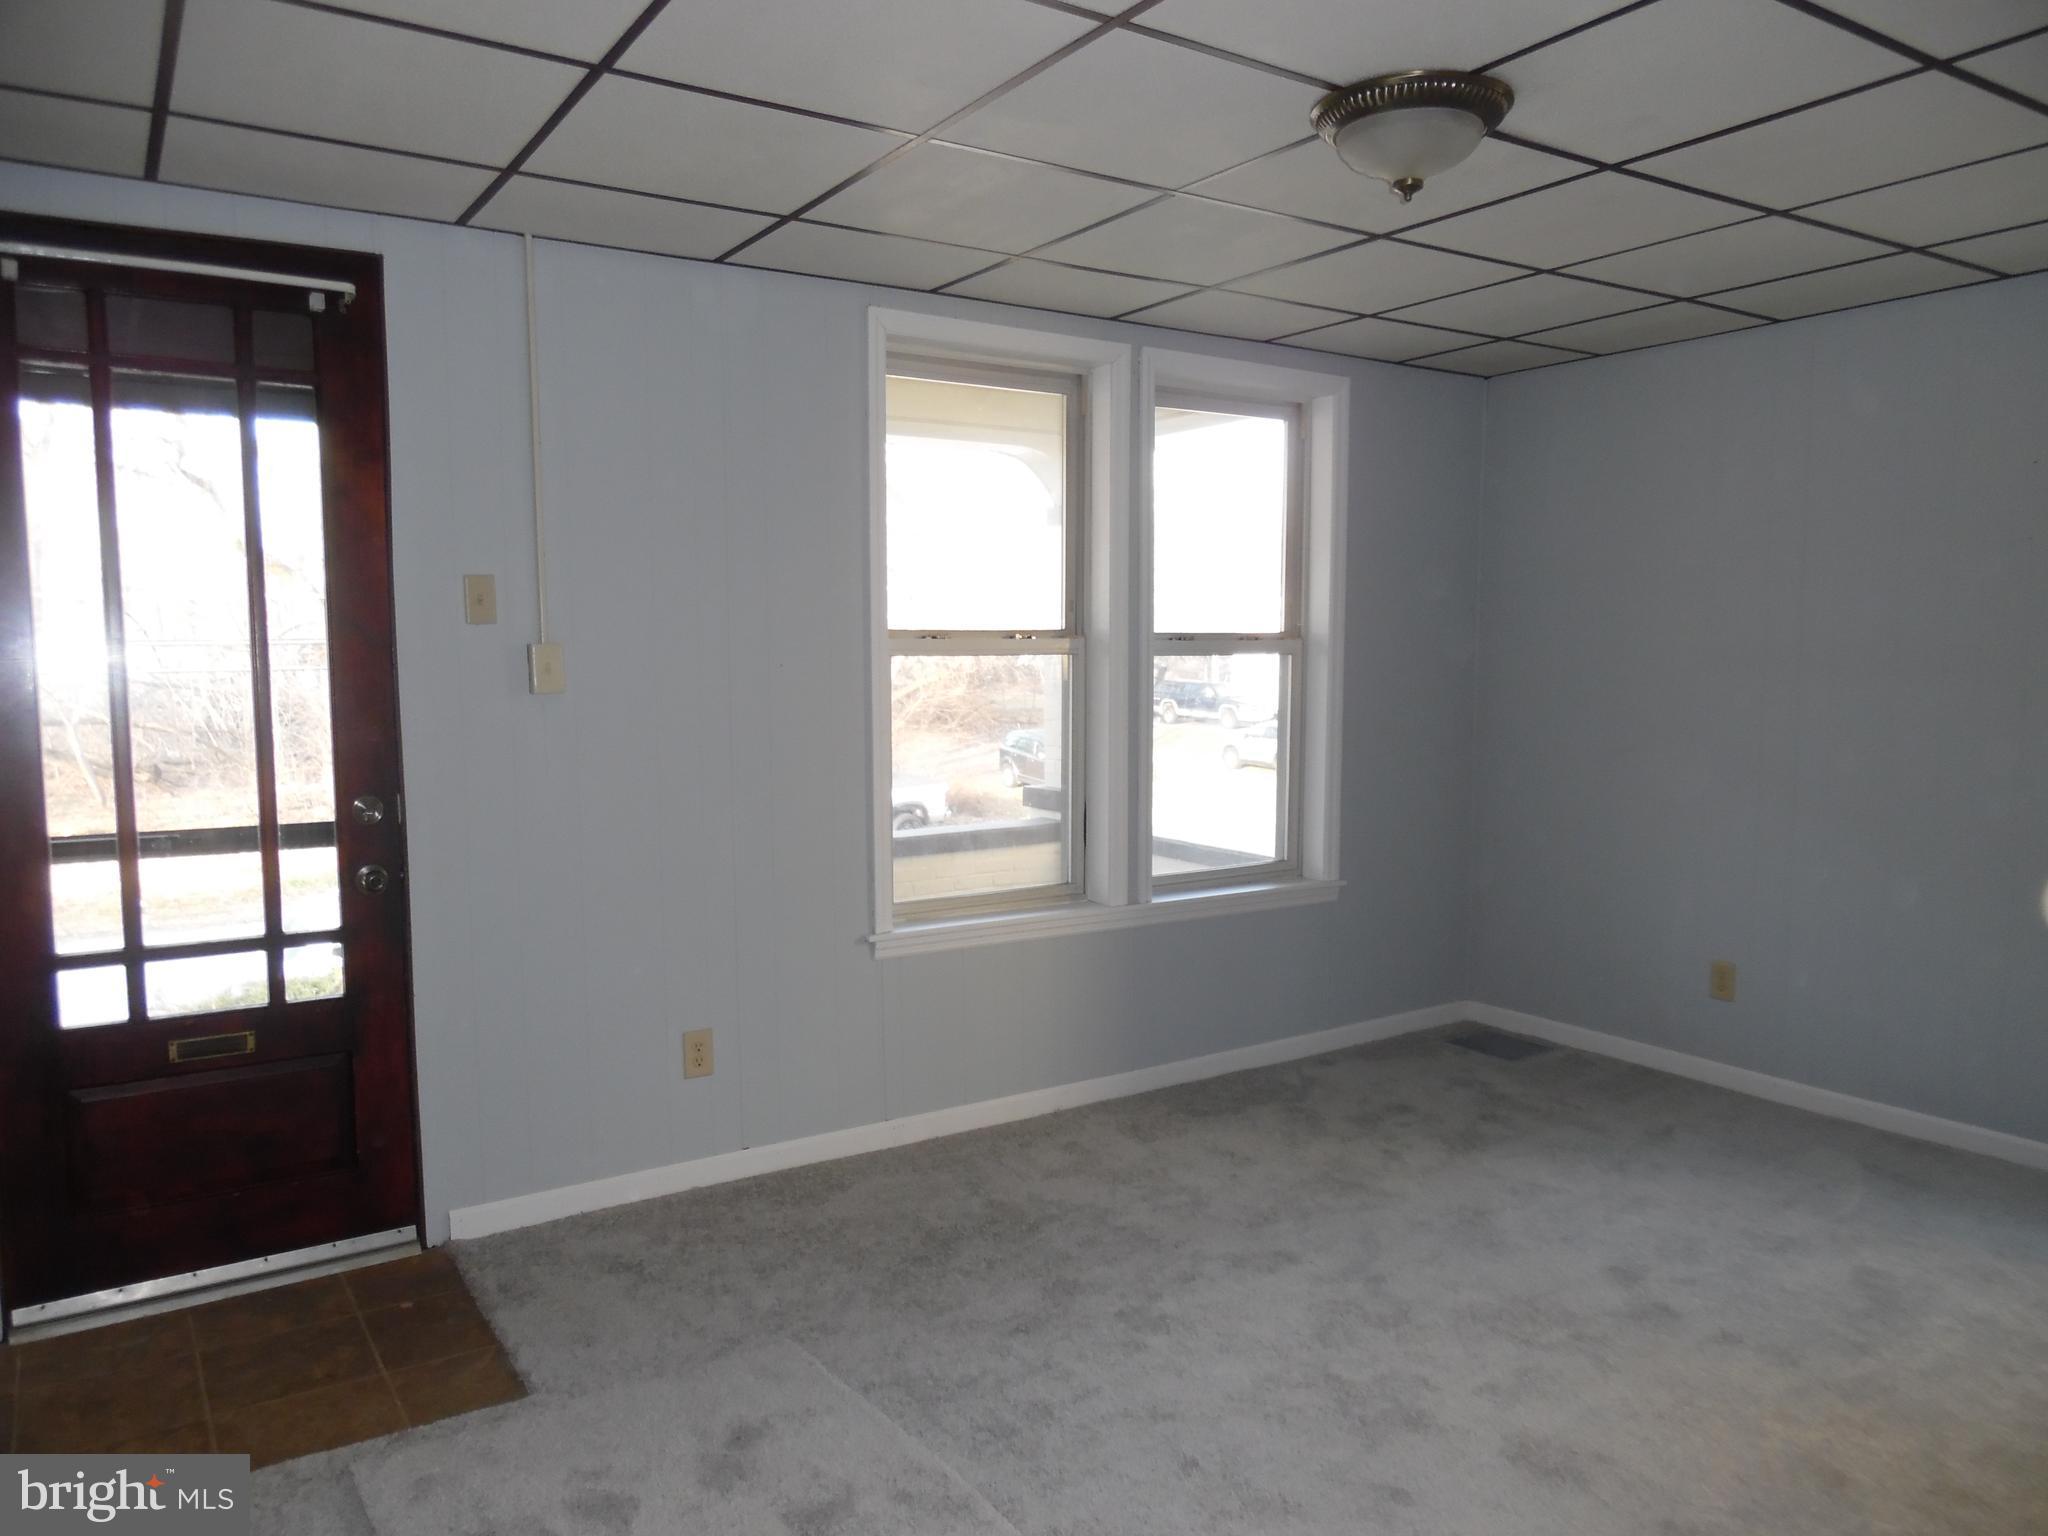 Living Room with beautiful front door